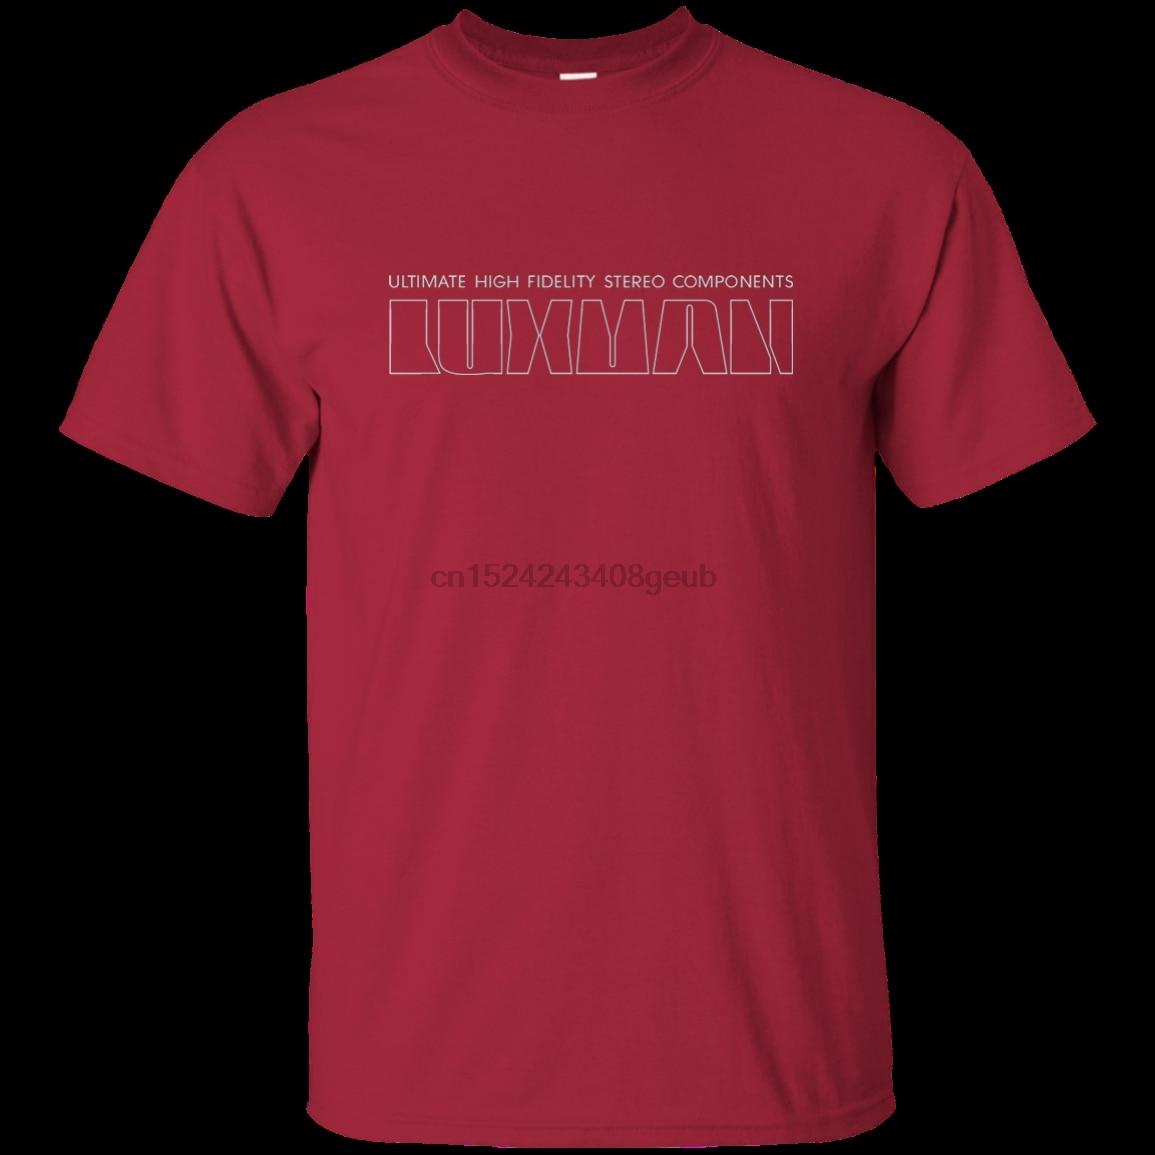 Camiseta componentes estéreo luxman-g200 ultra algodão